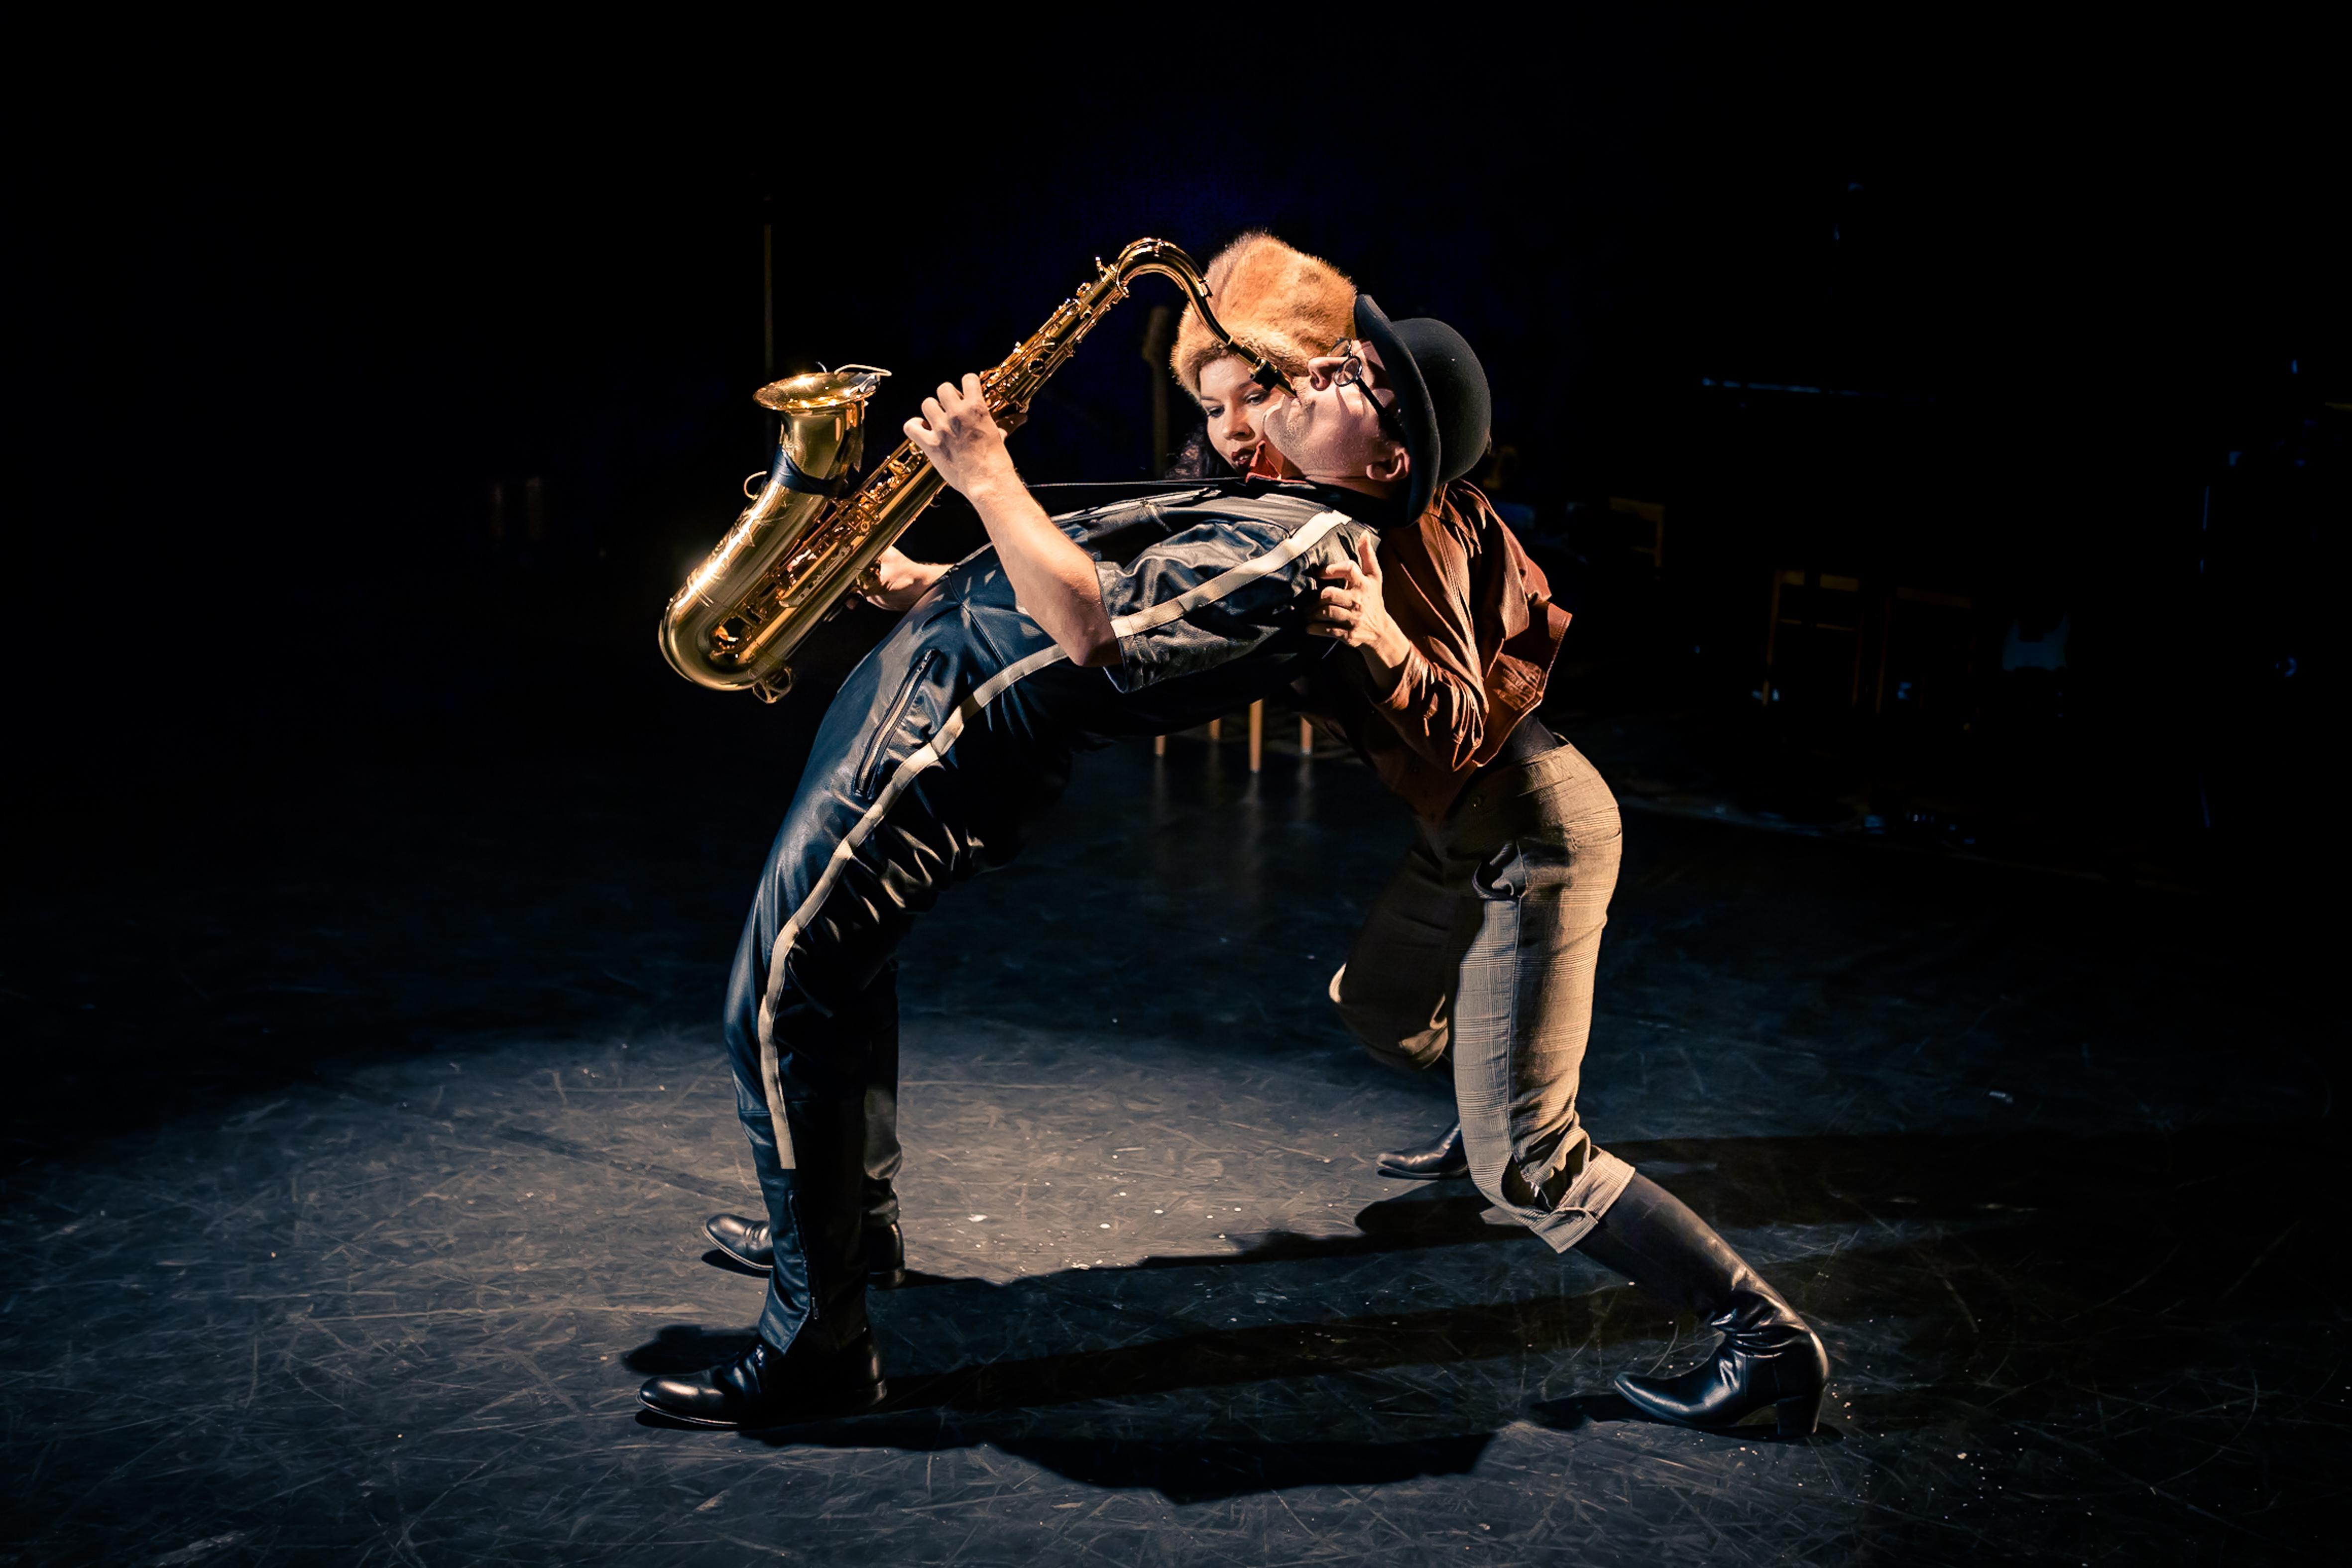 Tanssiteatteri Tsuumi-Kake Kuva_Matti Immonen Photography